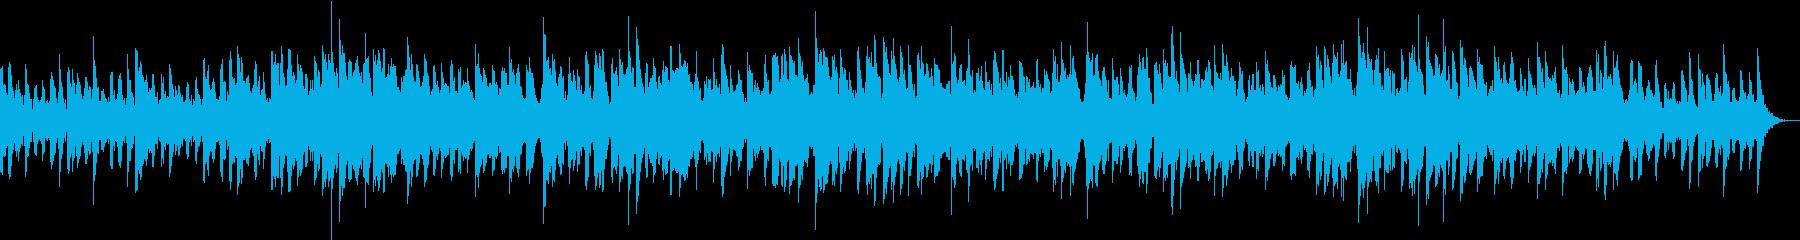 心を眠りモードへと切り替えてくれる音楽の再生済みの波形